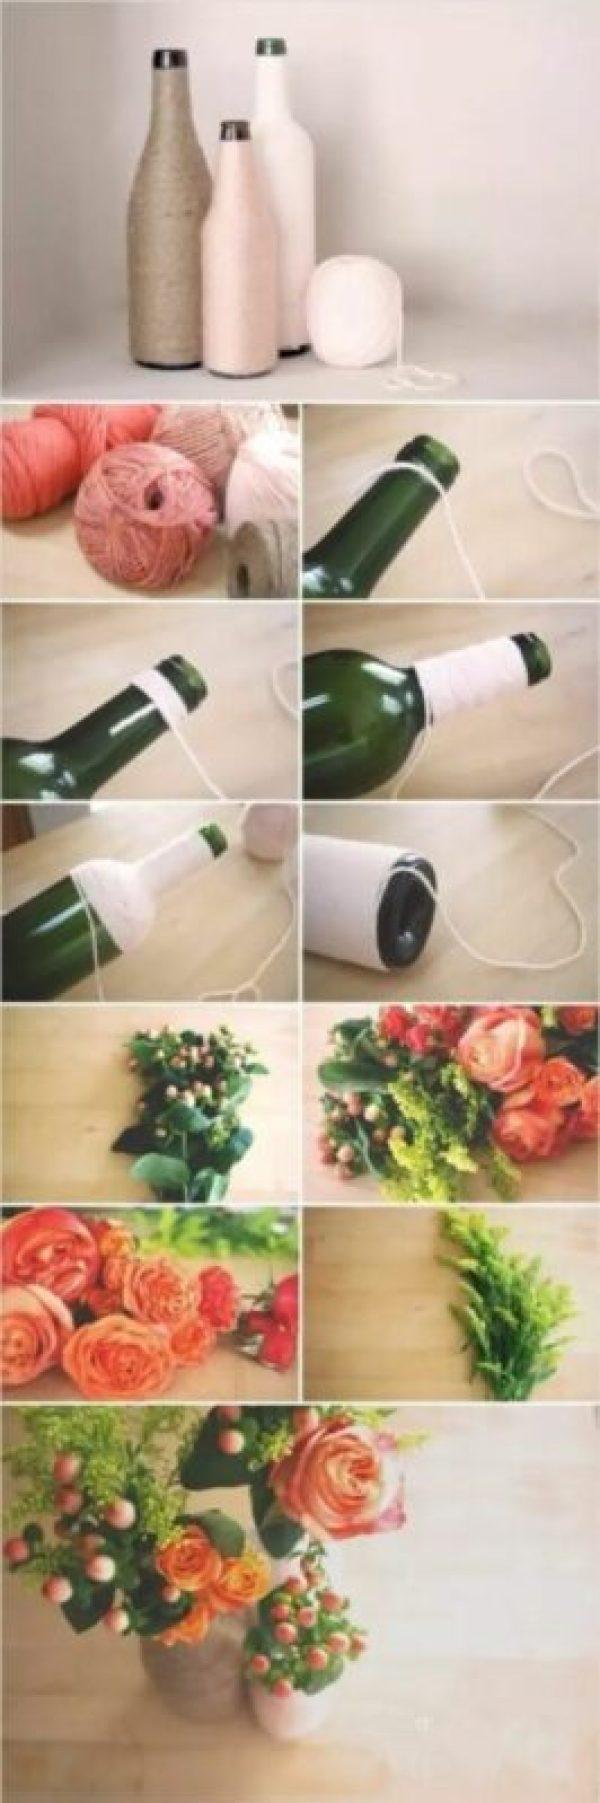 kerajinan dari botol kaca